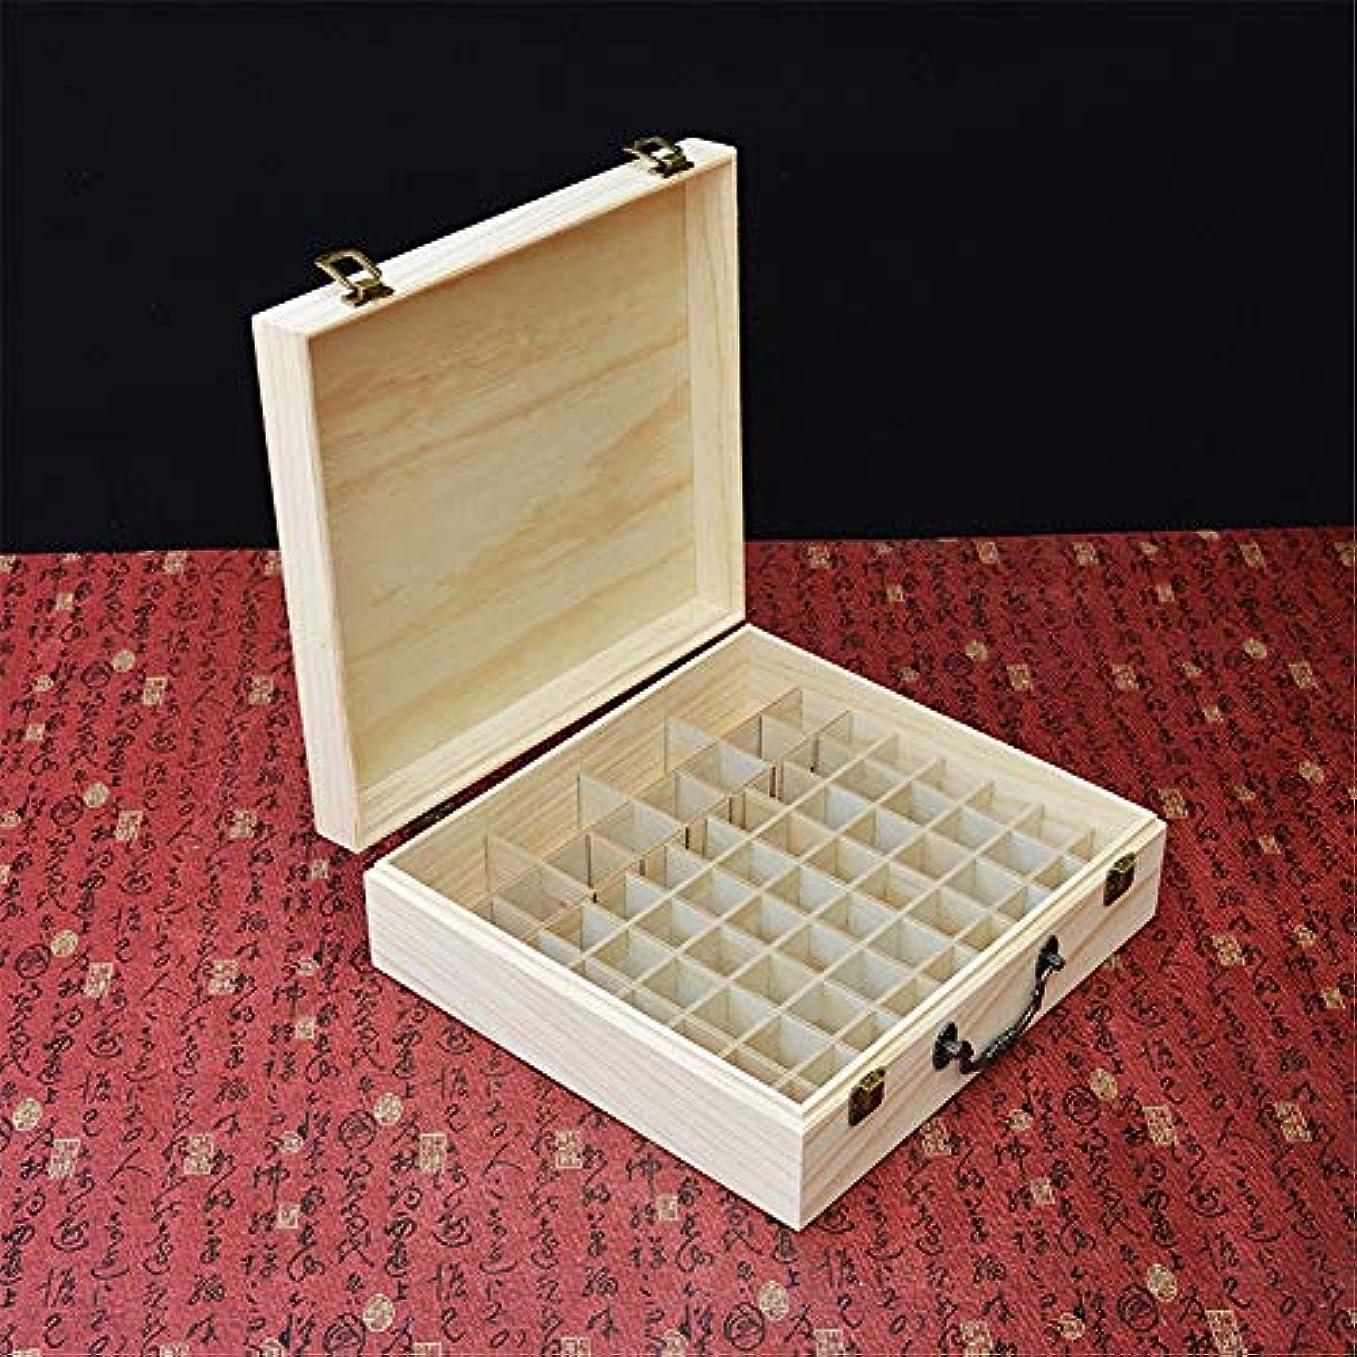 インタラクション実験室第二アロマセラピー収納ボックス これは、旅行やプレゼンテーション66個のスロット木製のエッセンシャルオイルの収納ボックスに最適です エッセンシャルオイル収納ボックス (色 : Natural, サイズ : 31.5X29X10CM)